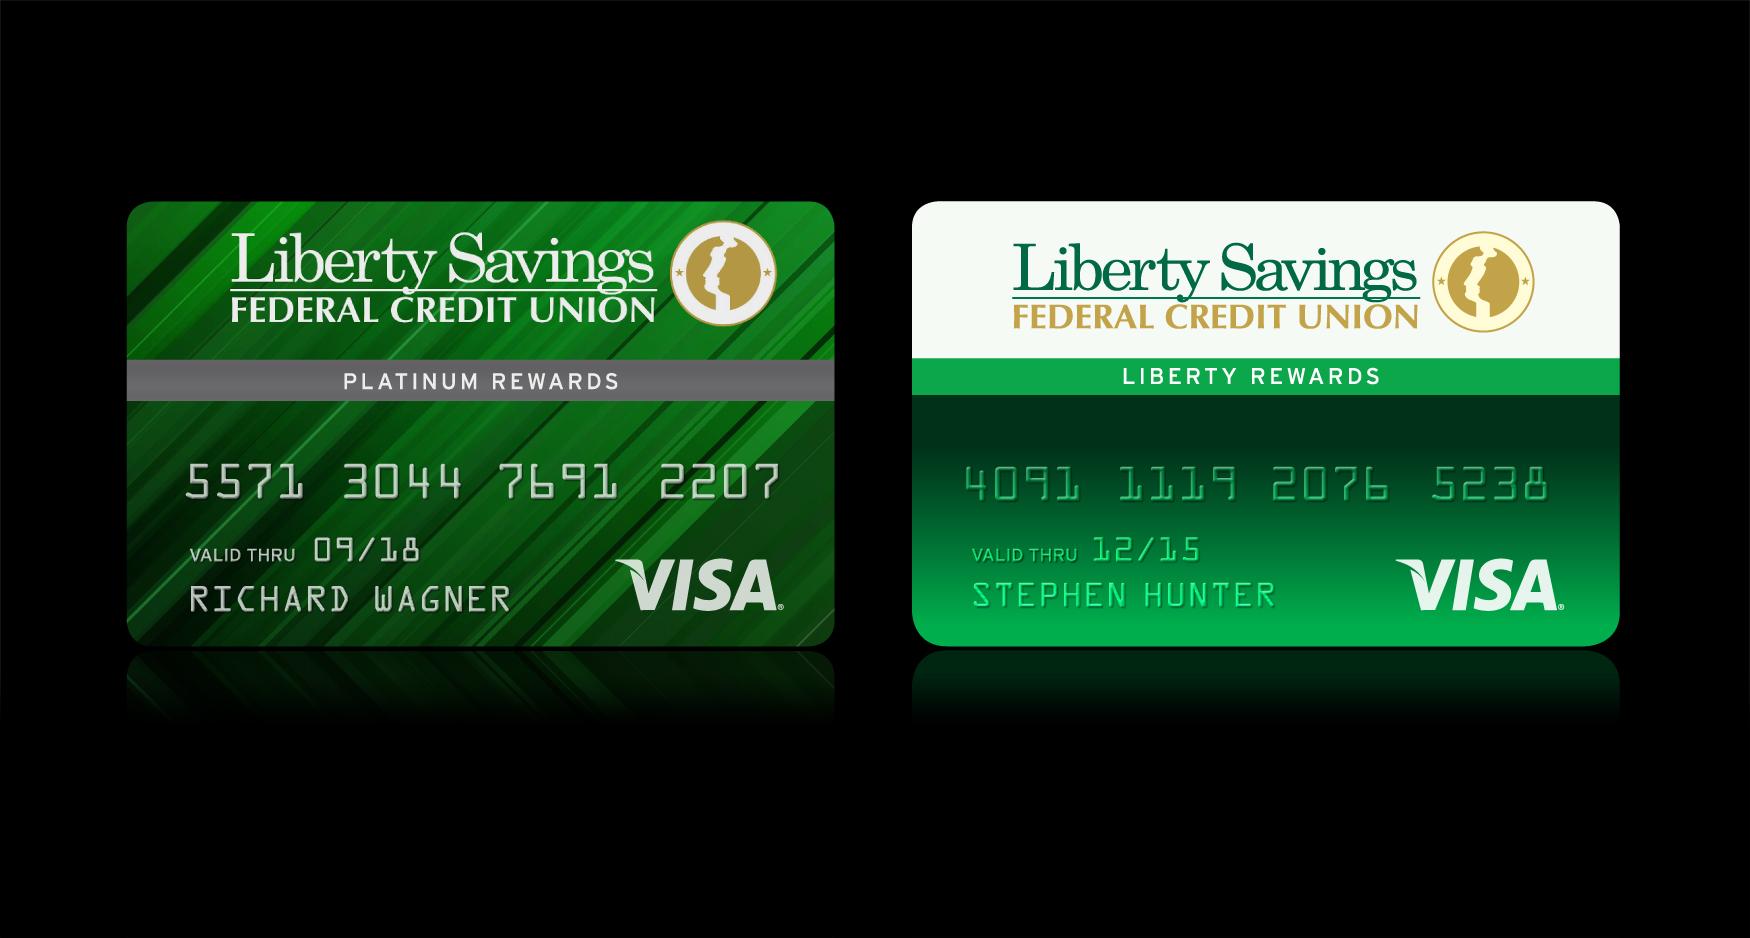 Liberty Savings Credit Cards - LIBERTY SAVINGS – REWARDS CARDS